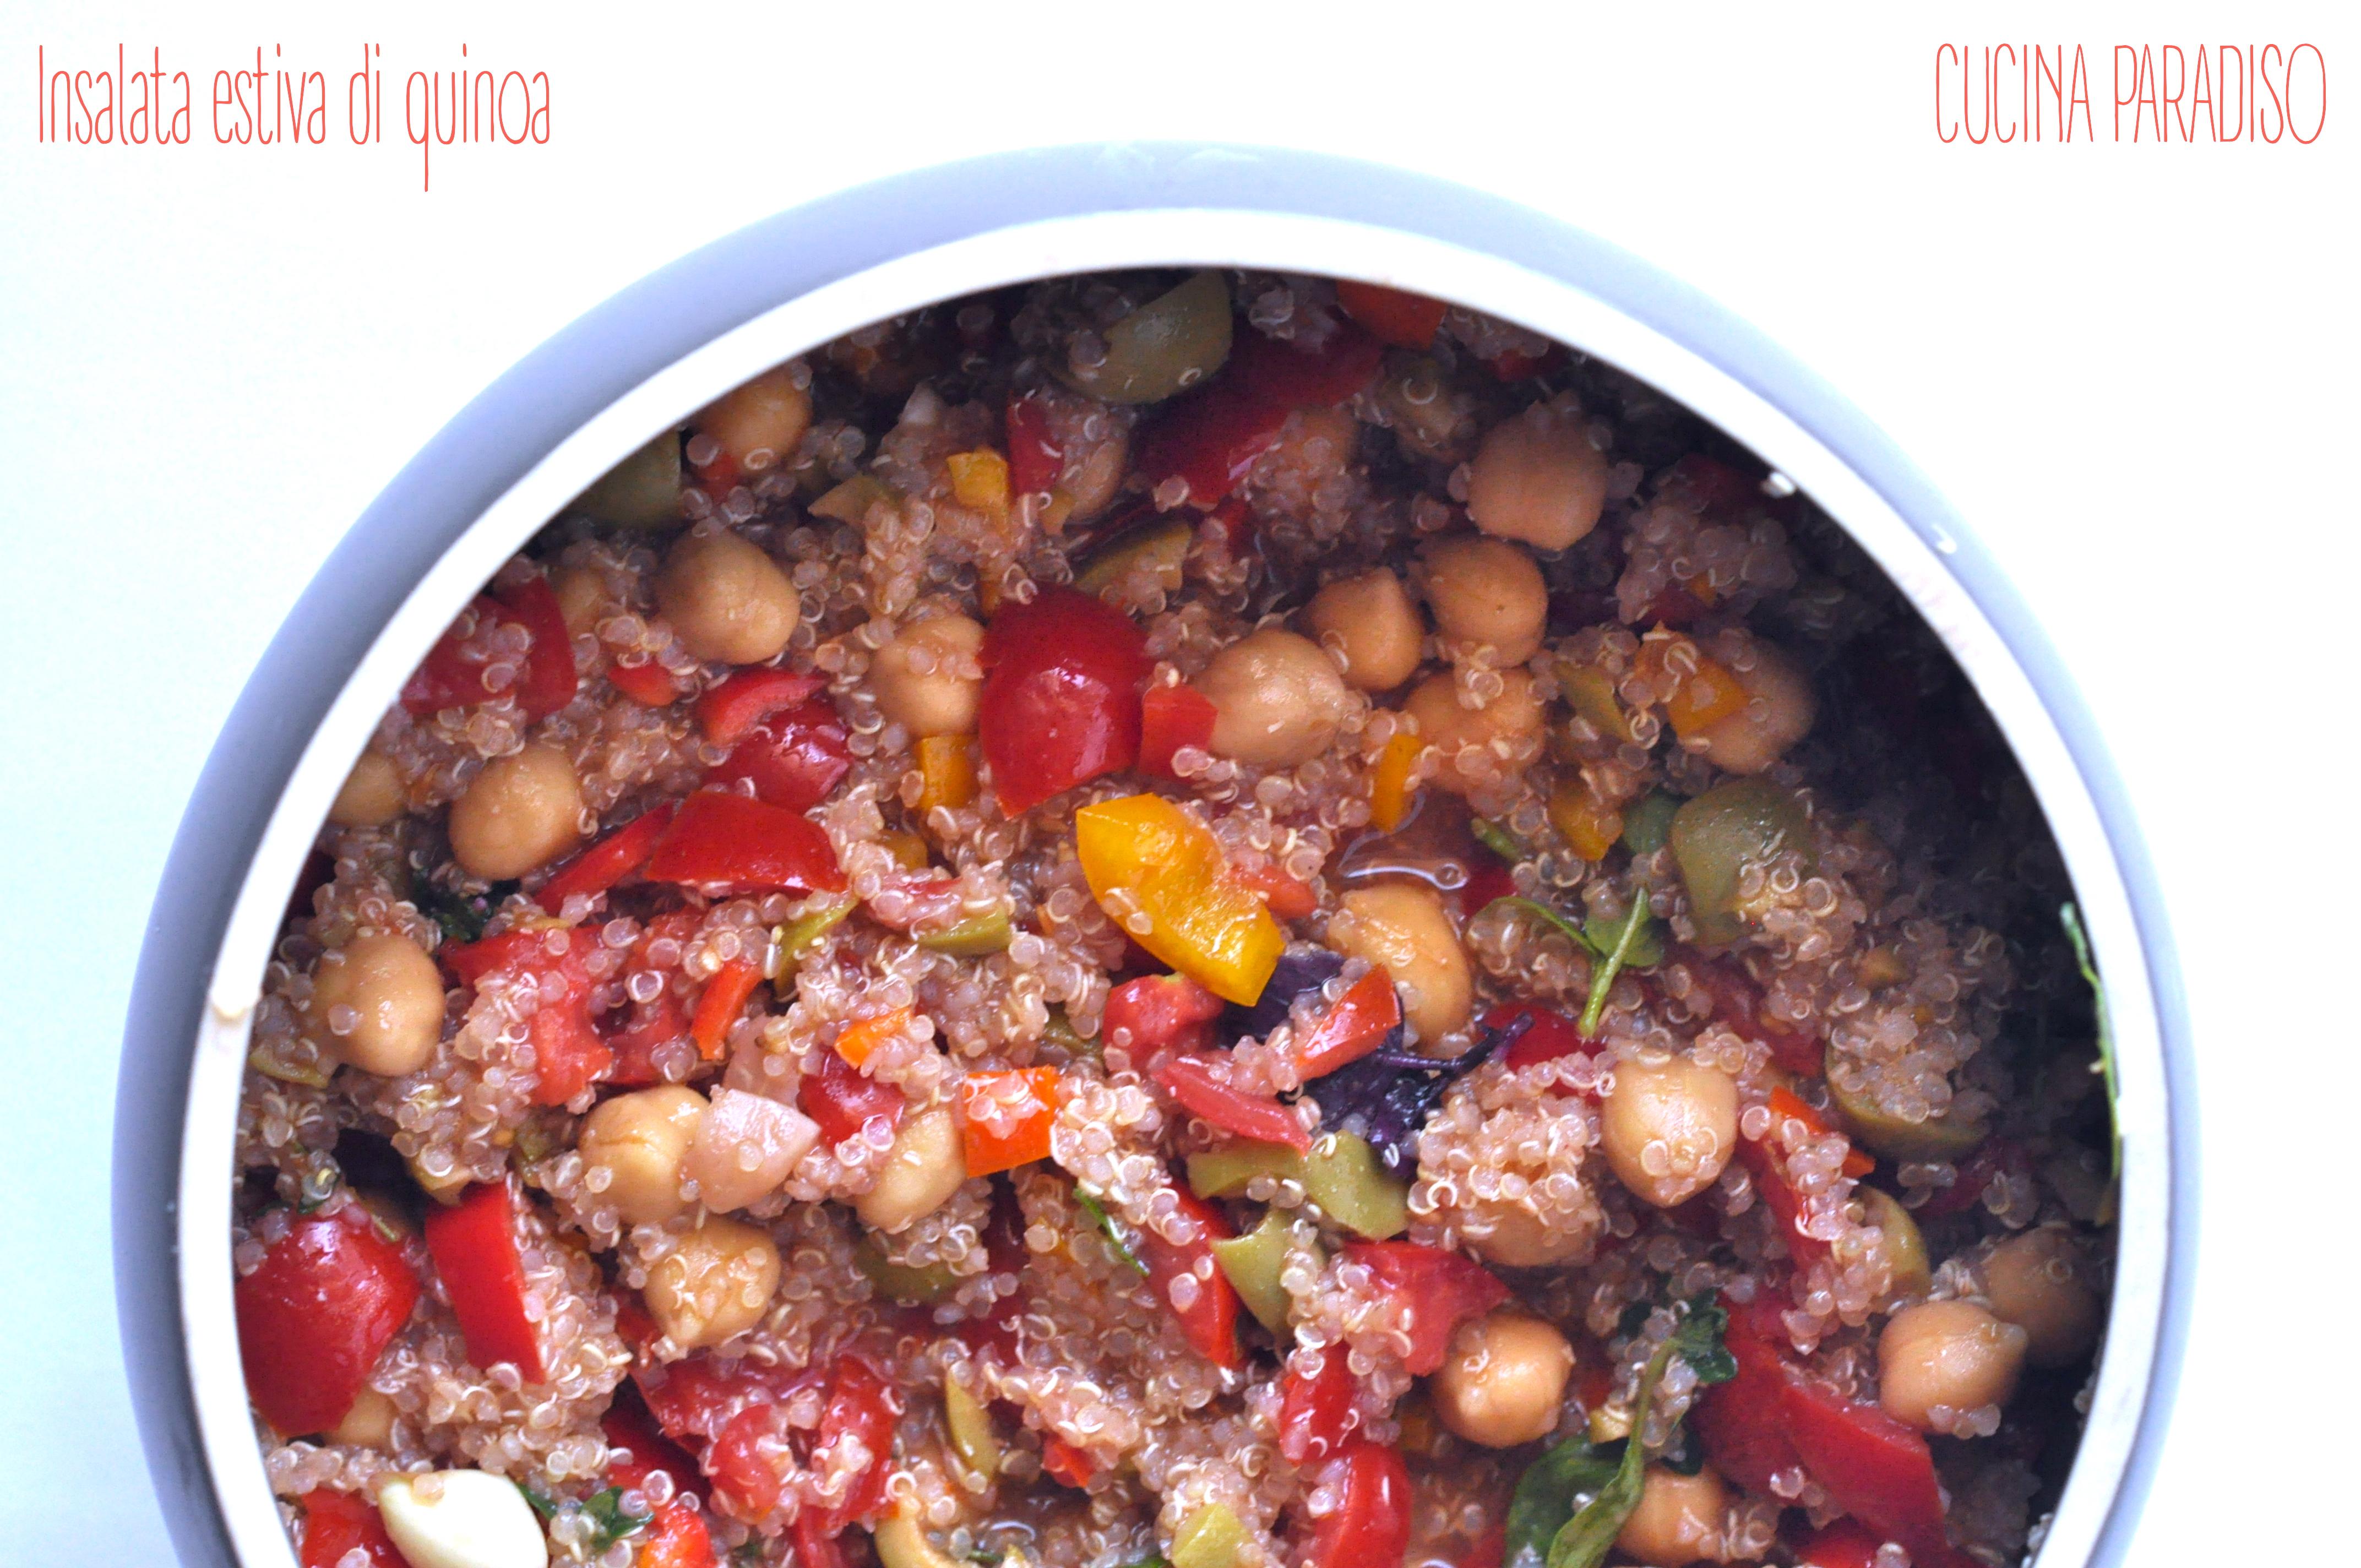 Insalata estiva di quinoa2